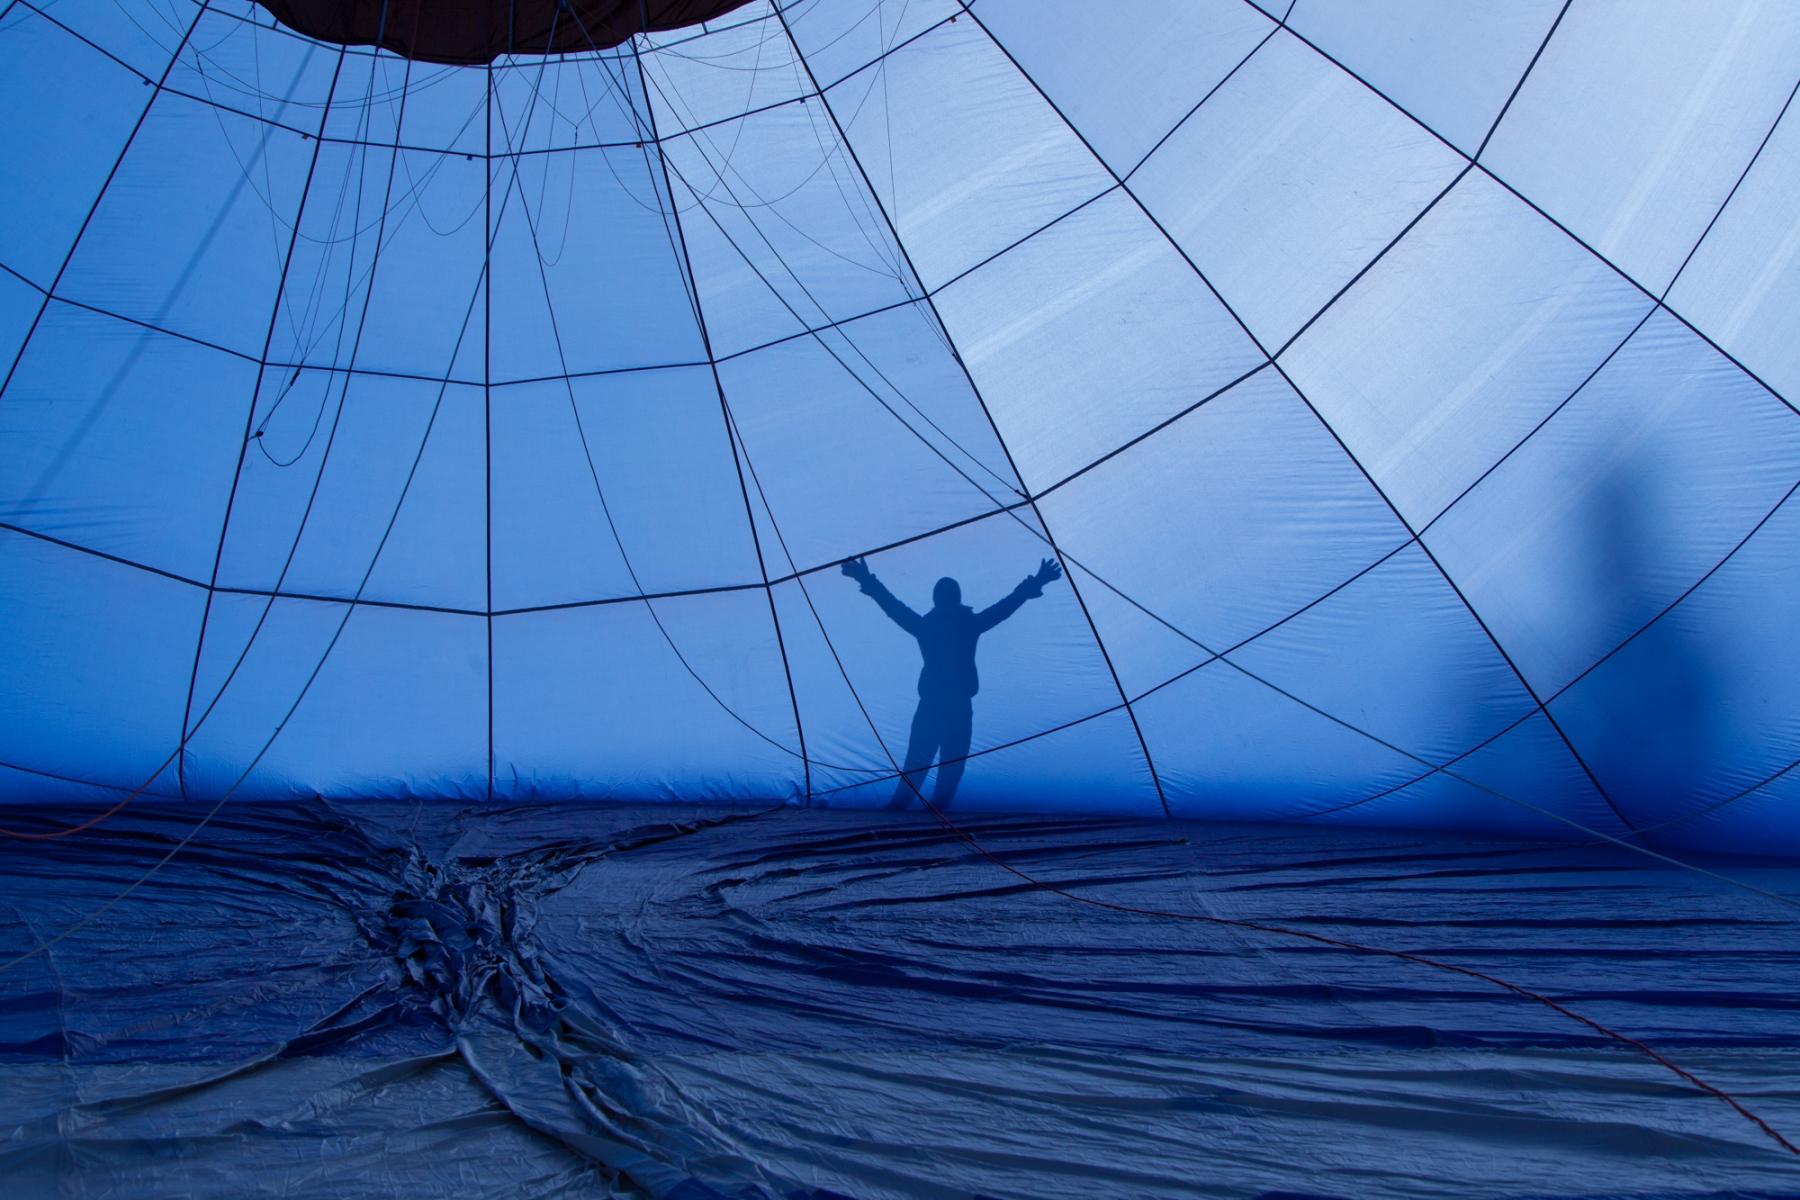 Schatten am Heißluftballon